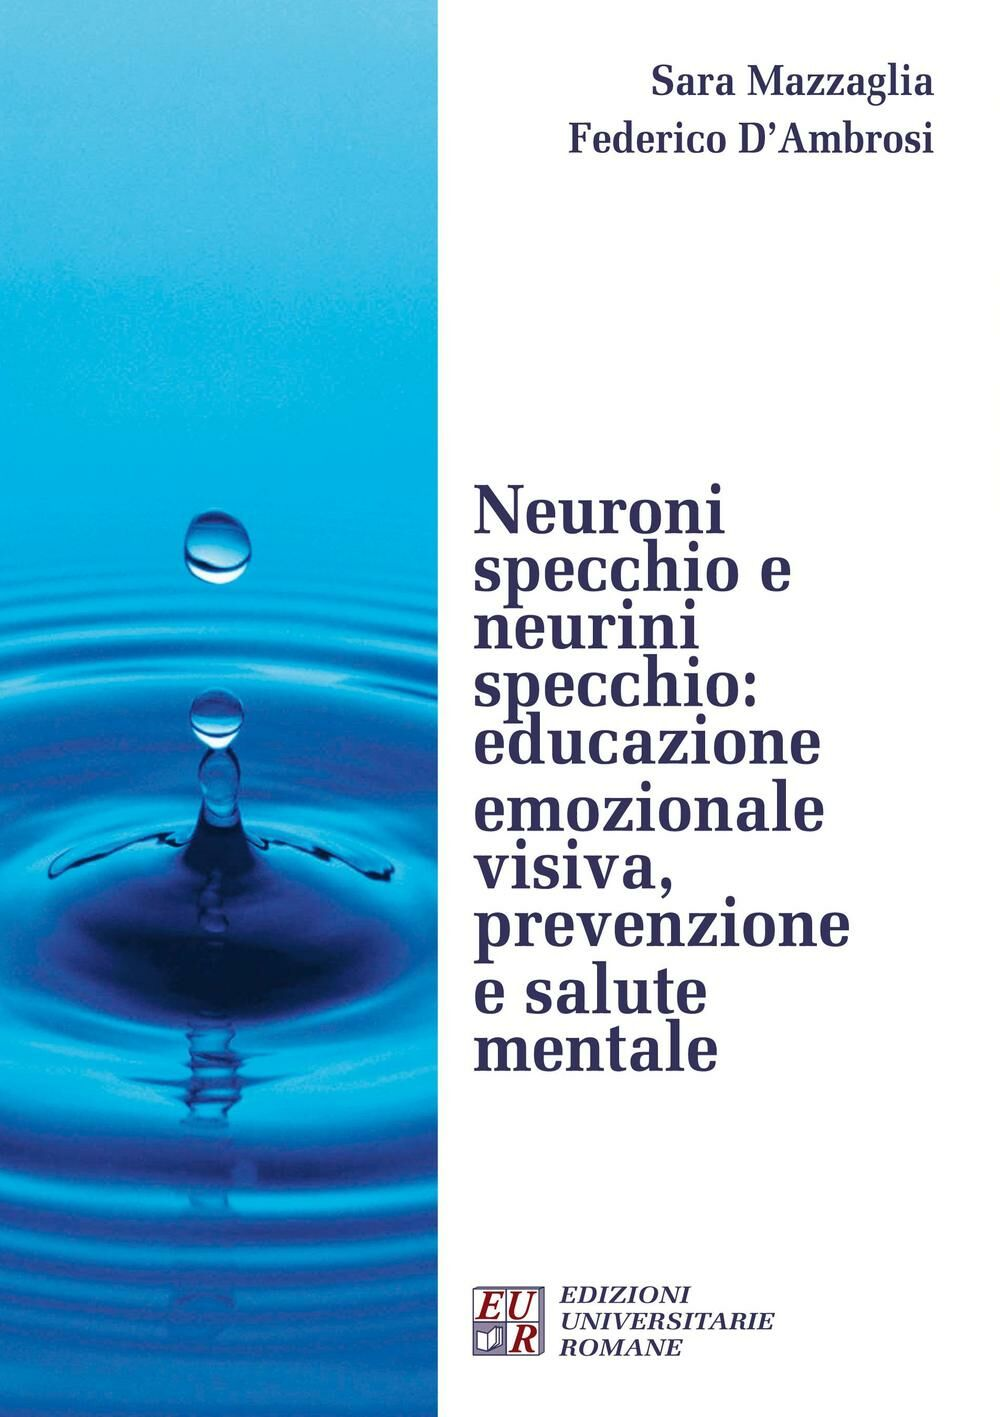 Neuroni specchio e neurini specchio. Educazione emozionale visiva, prevenzione e salute mentale